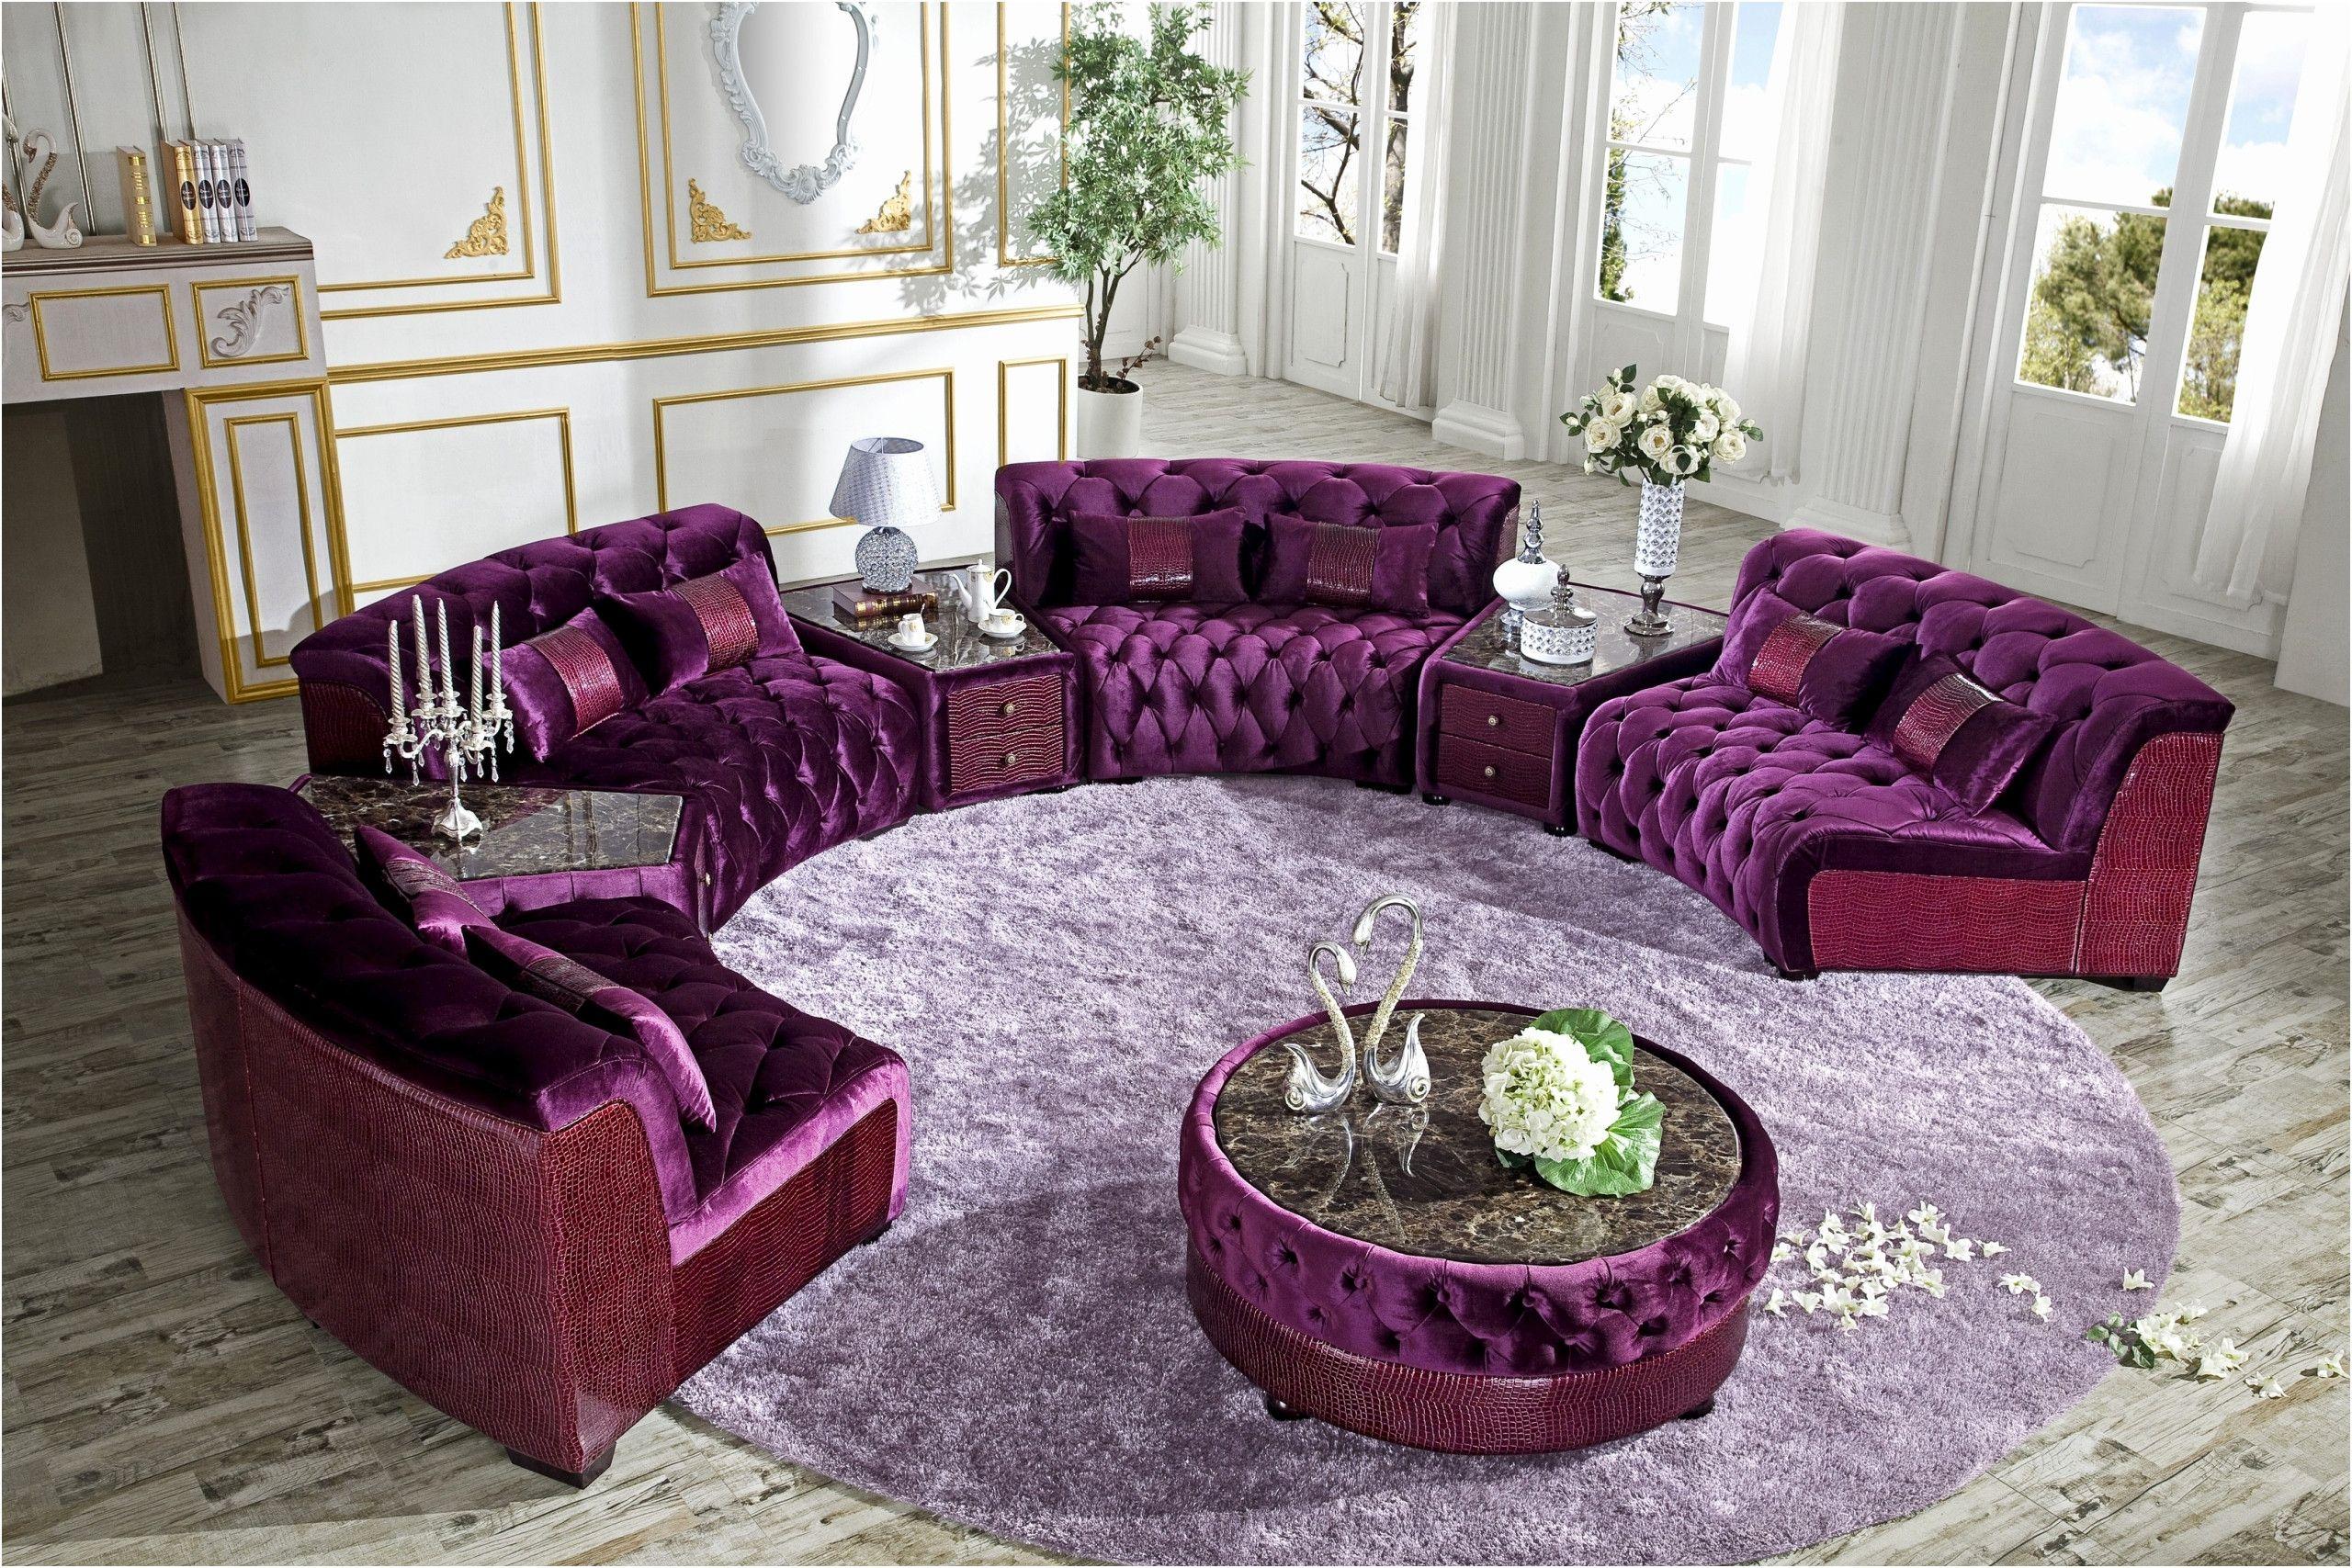 Amüsant Couchgarnitur Wohnzimmer  Sofa design, Purple sofa